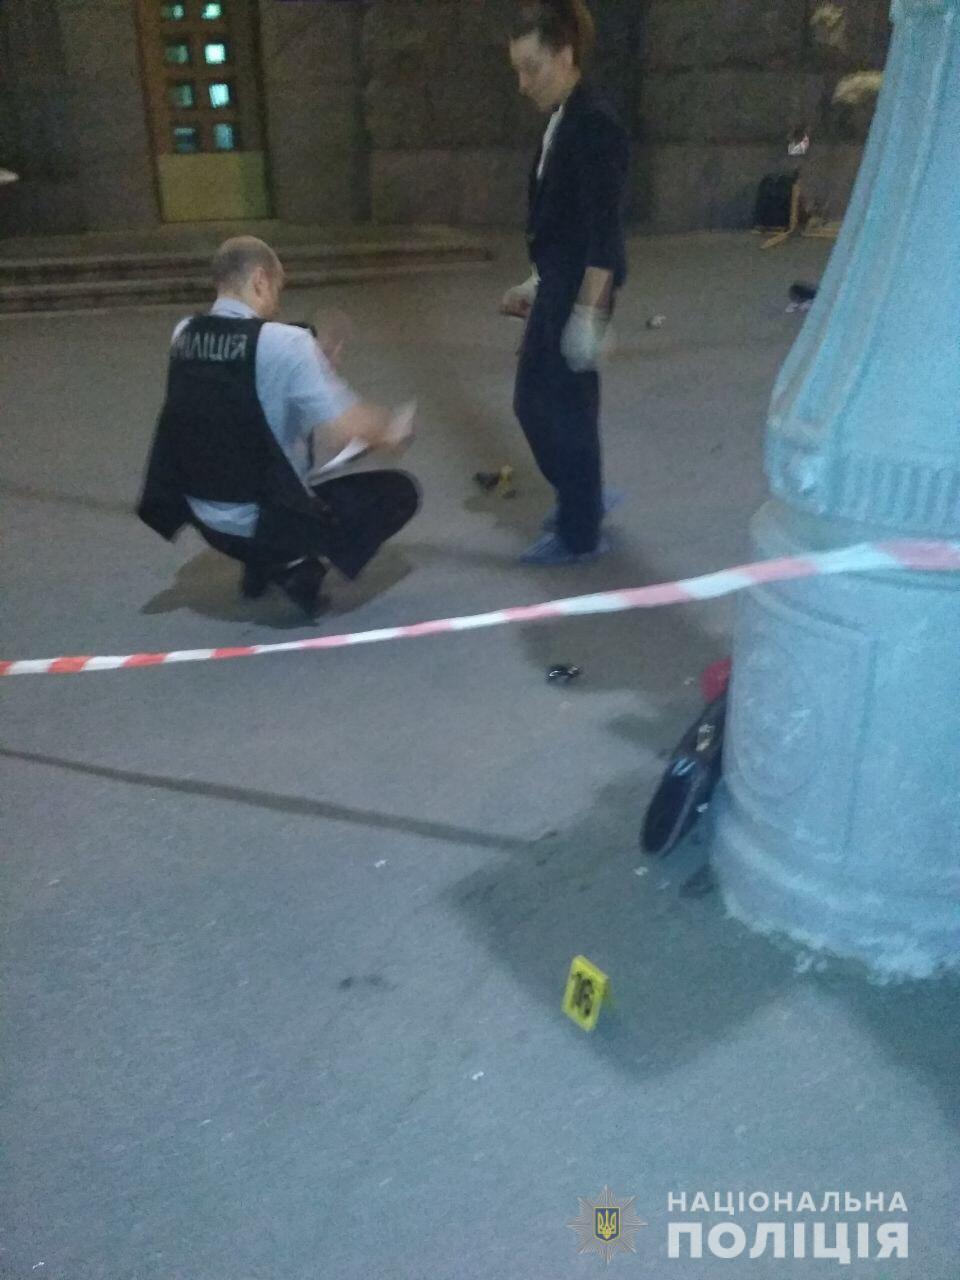 Нападение на мэрию Харькова: убит полицейский - фото, видео